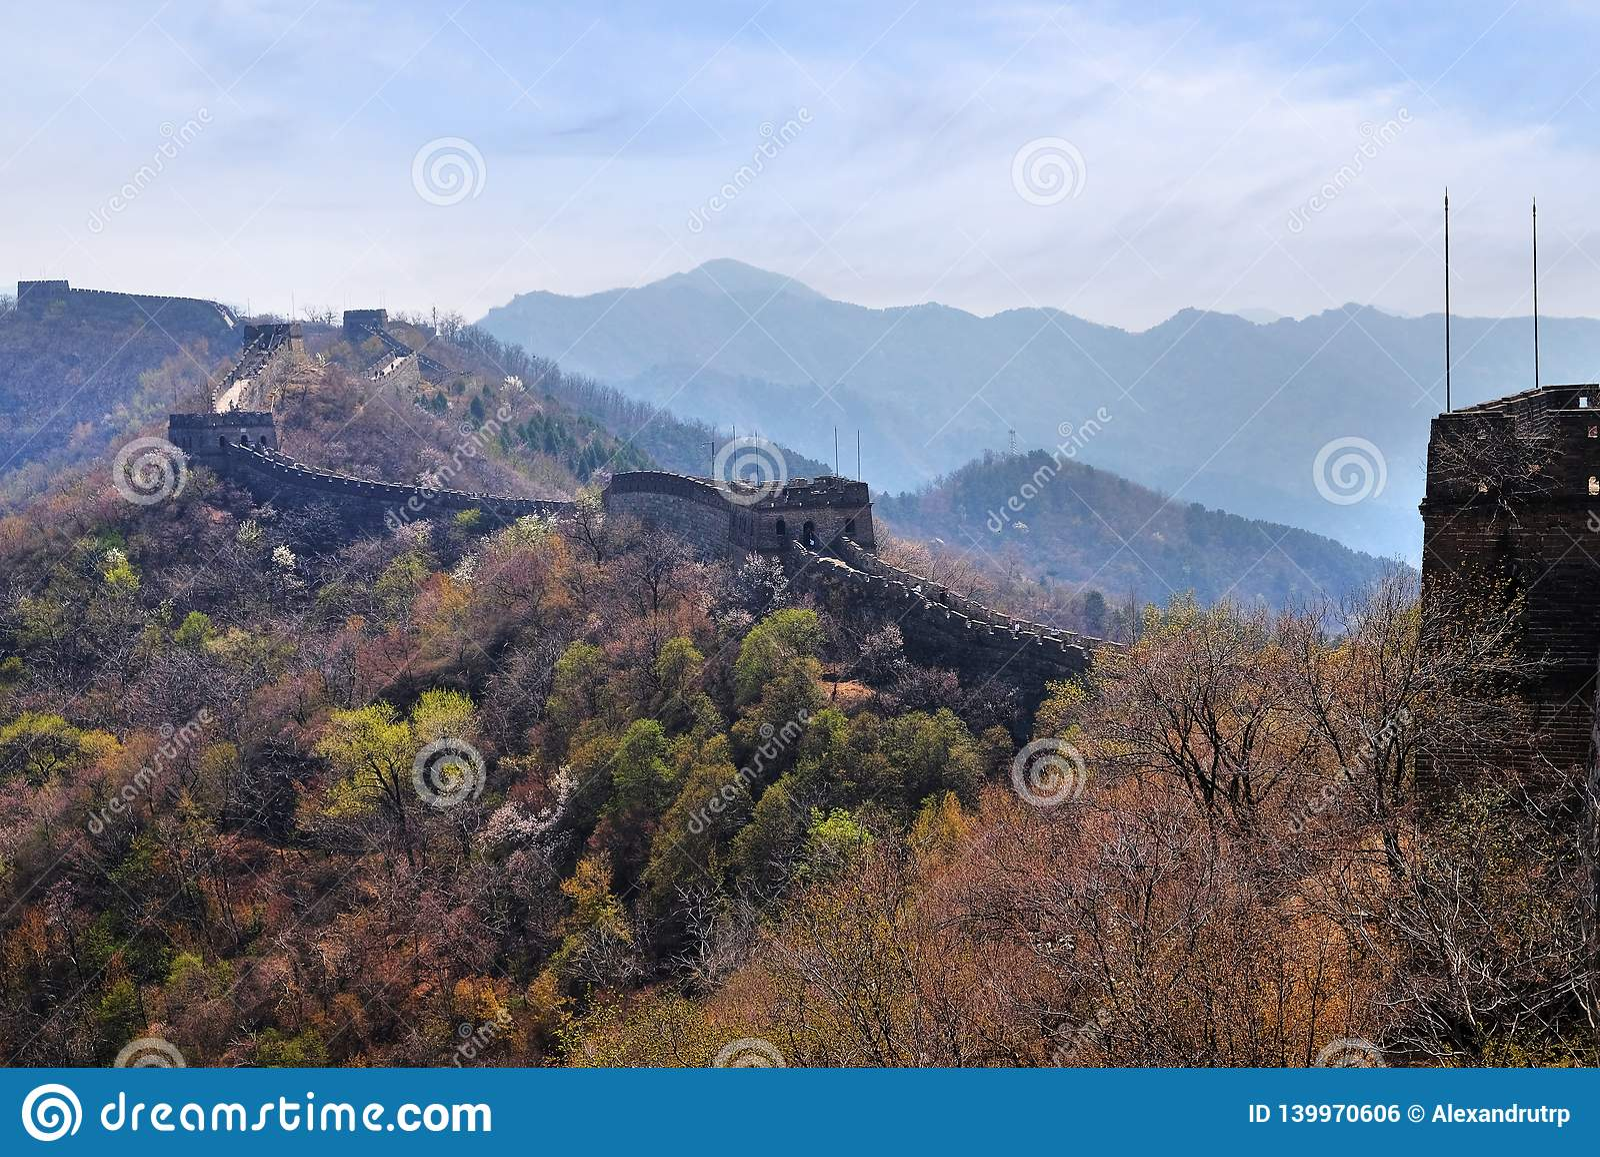 A seção de Mutianyu do Grande Muralha de China em um dia de mola ensolarado, contra um céu azul